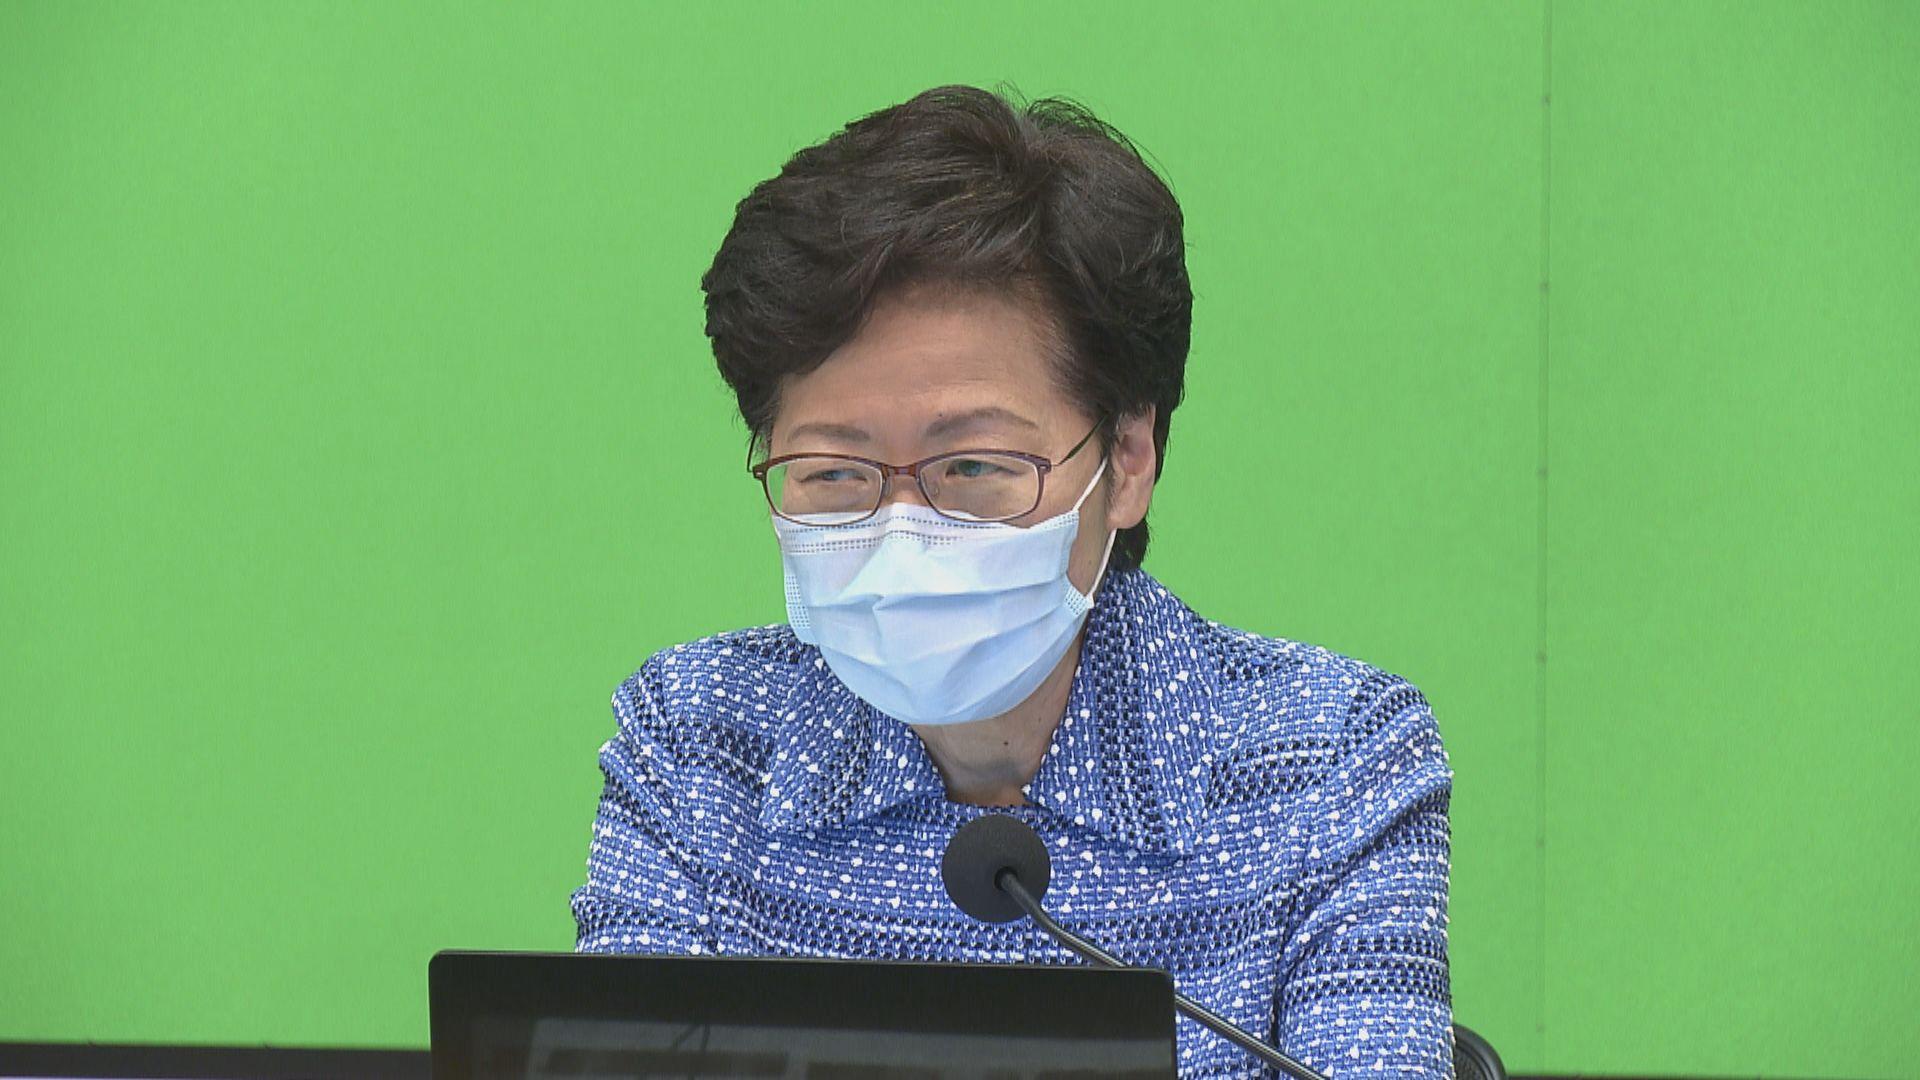 【最新】林鄭:早已決定特首及司局長減薪 盼展示政府與民共度時艱